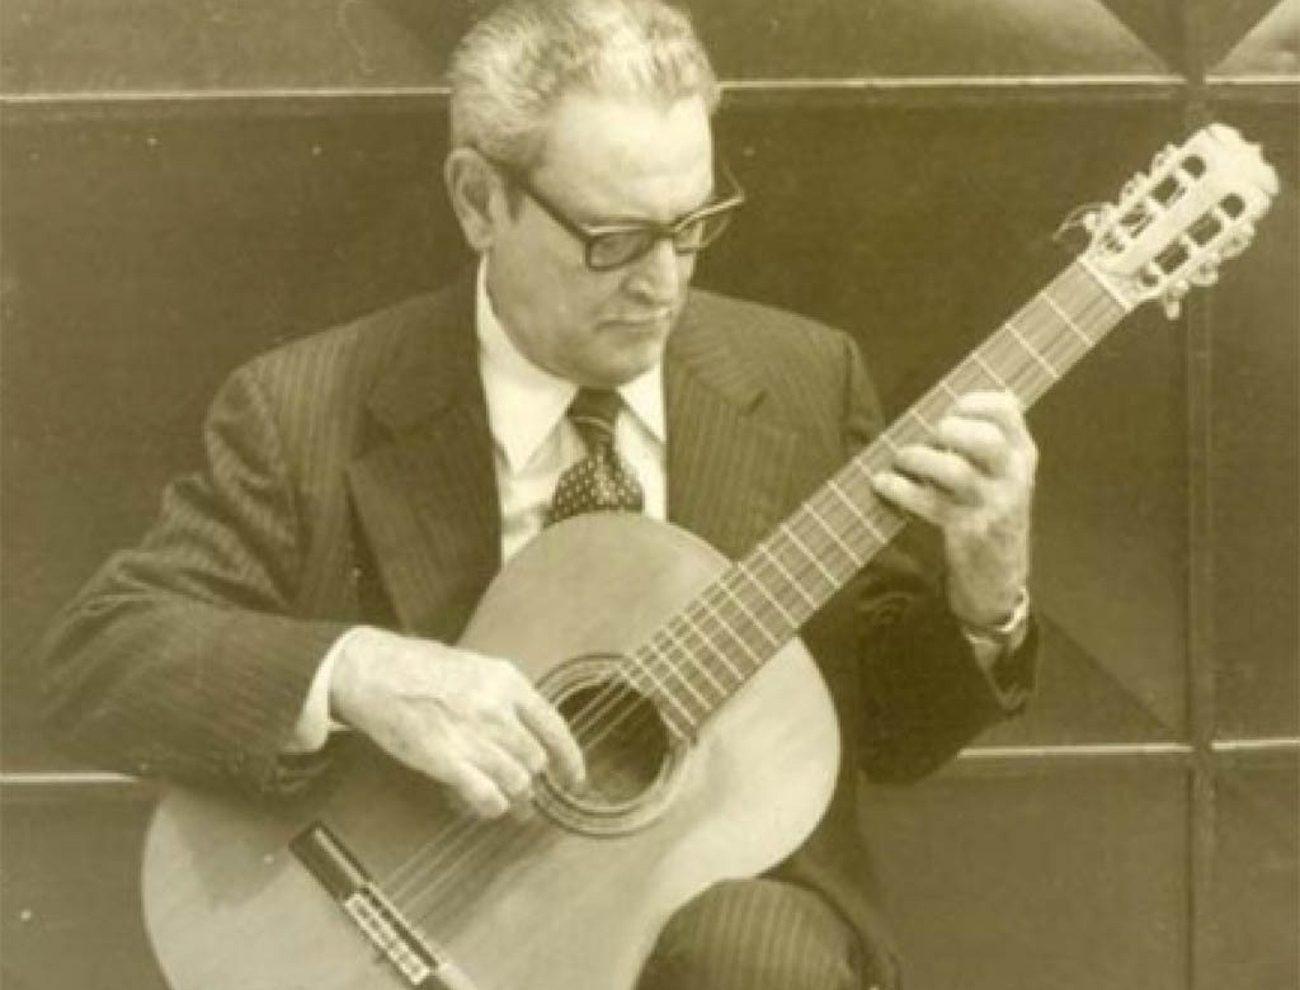 Antonio Lauro dedicó el vals Carora a sus colegas Alirio Díaz y Rodrigo Riera